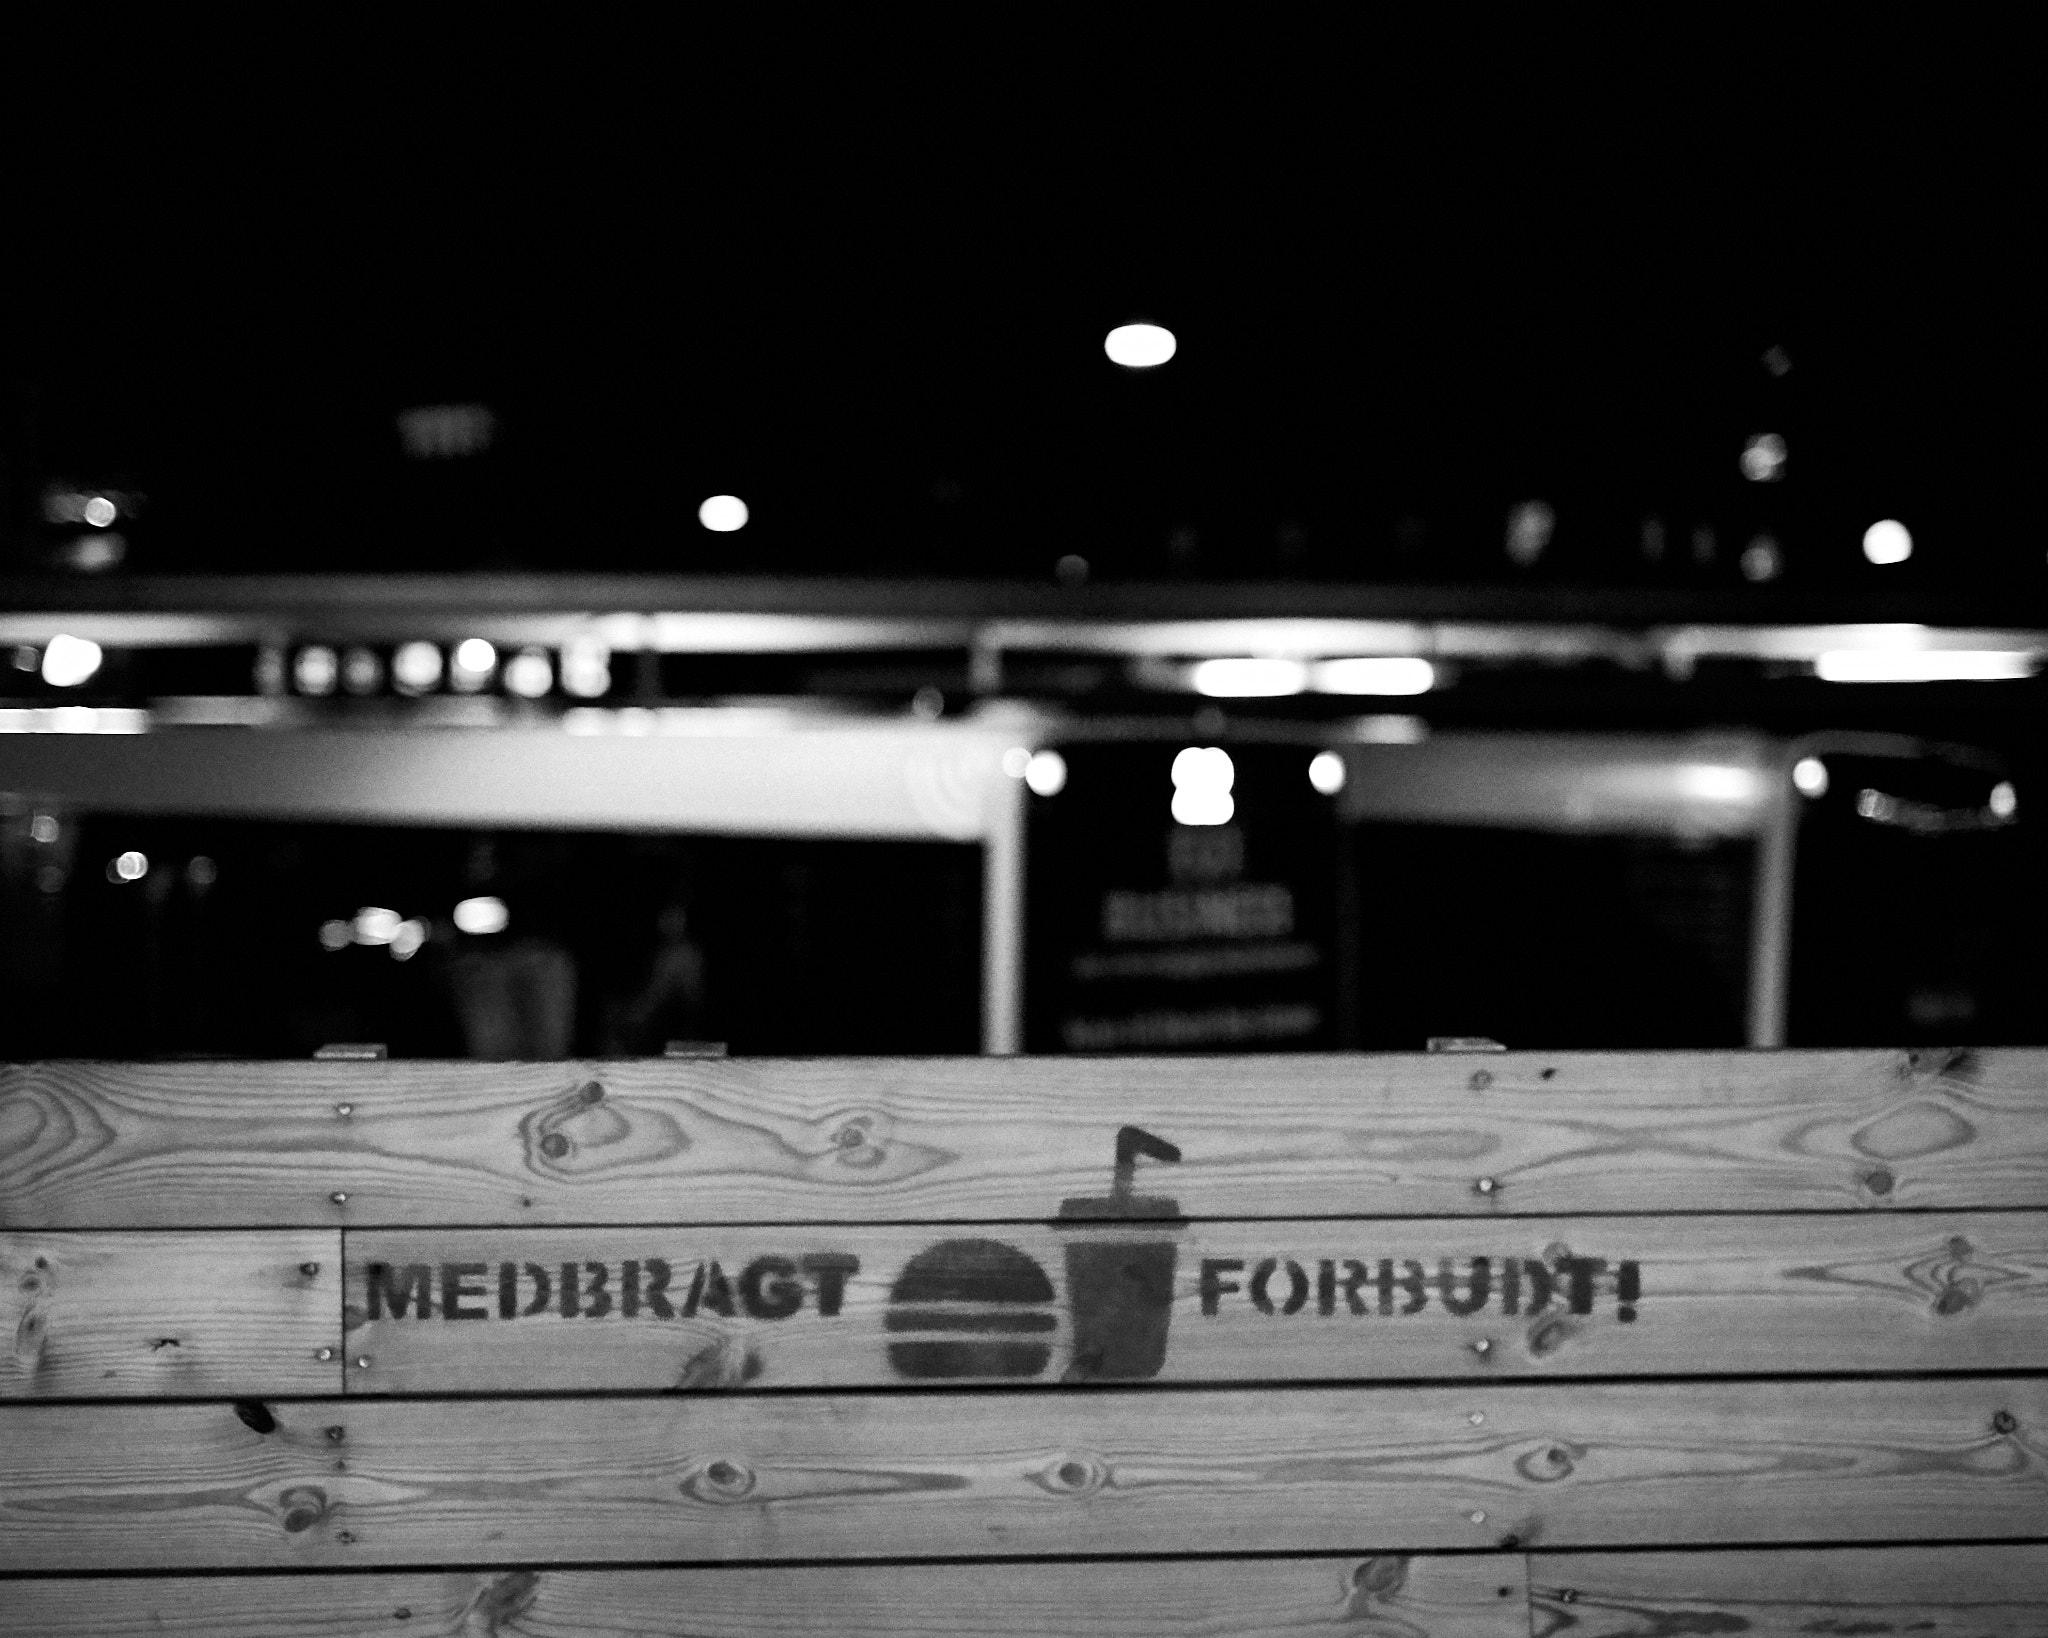 20190117-AarhusC-021.jpg